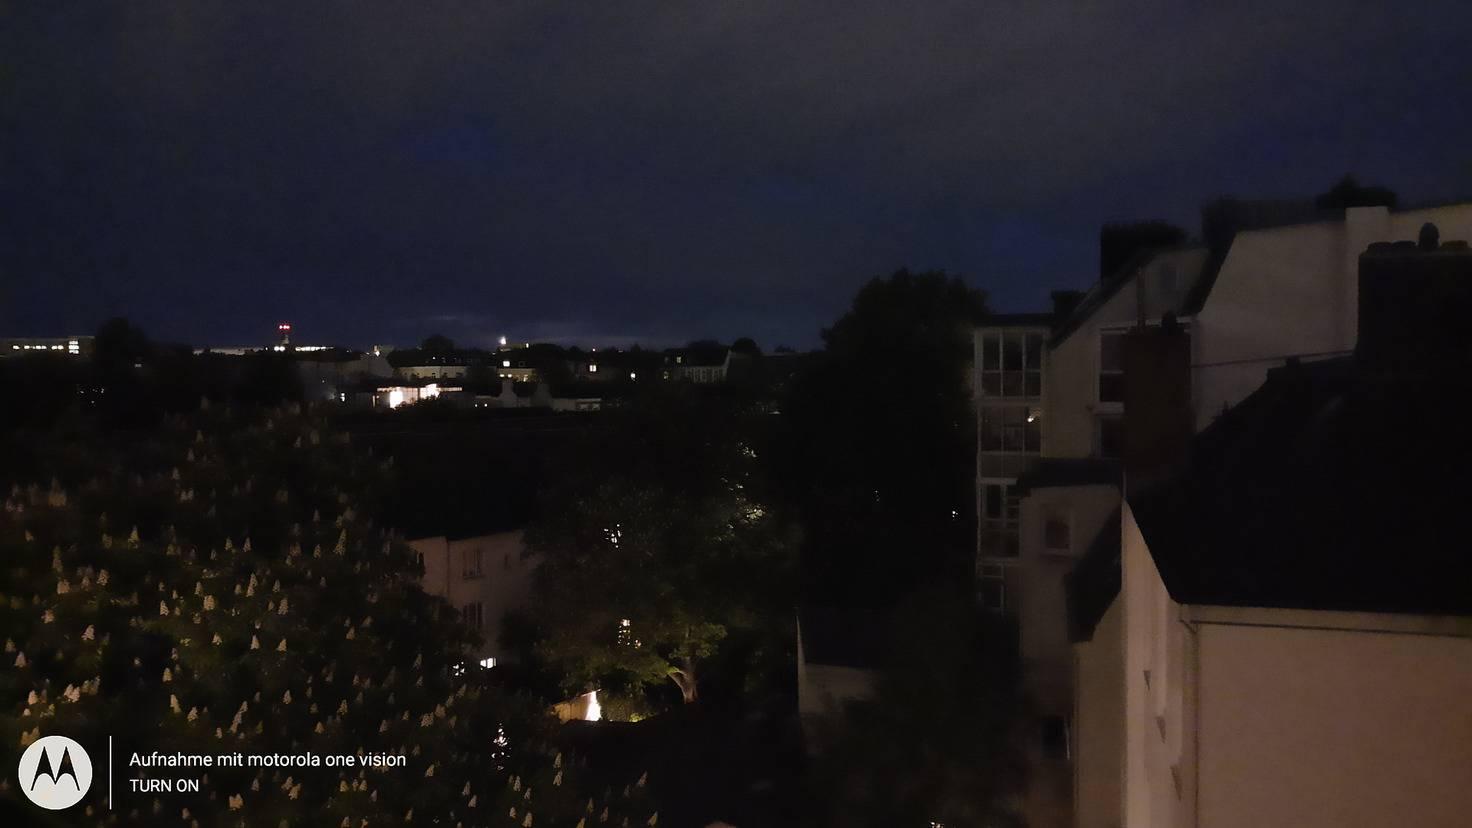 Ohne den Nachtmodus ist in der Dunkelheit kaum noch etwas zu sehen.